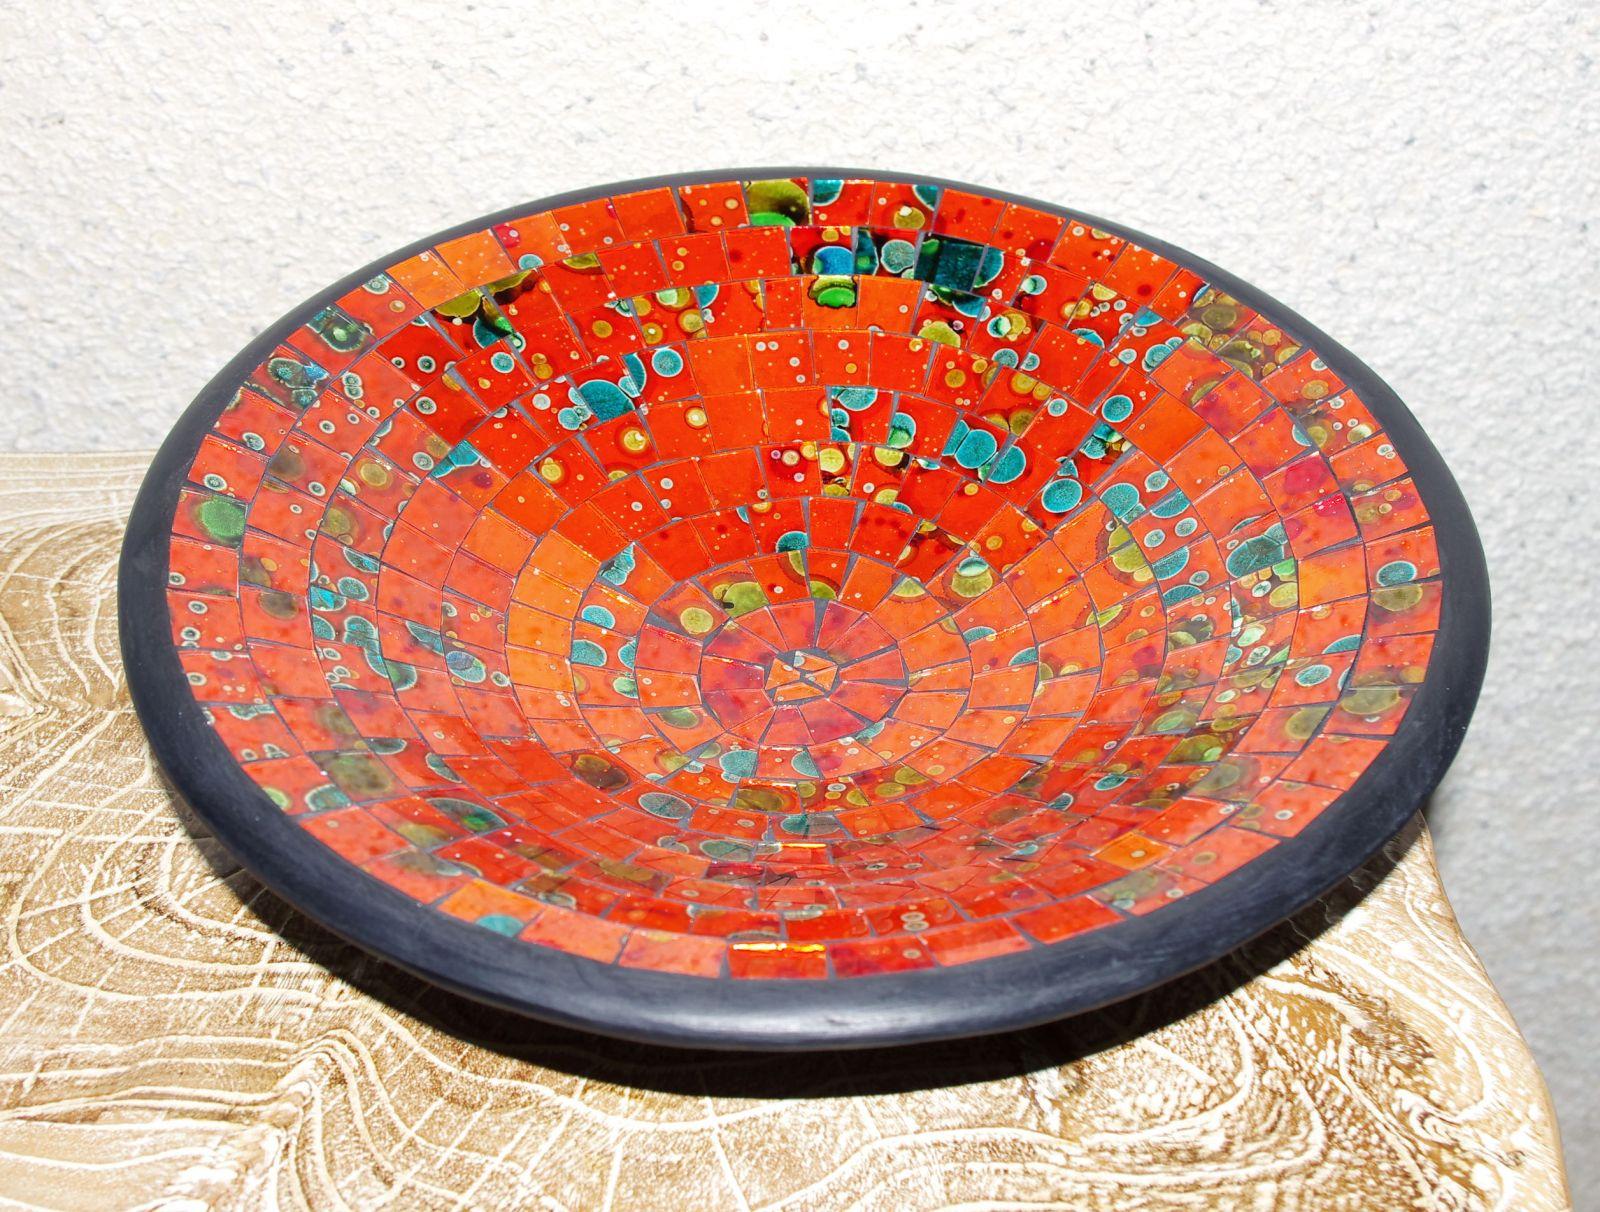 Mísa se skleněnou mozaikou maxi - cihlová červená, terracota, keramika Lombok, Indonésie ID1604101